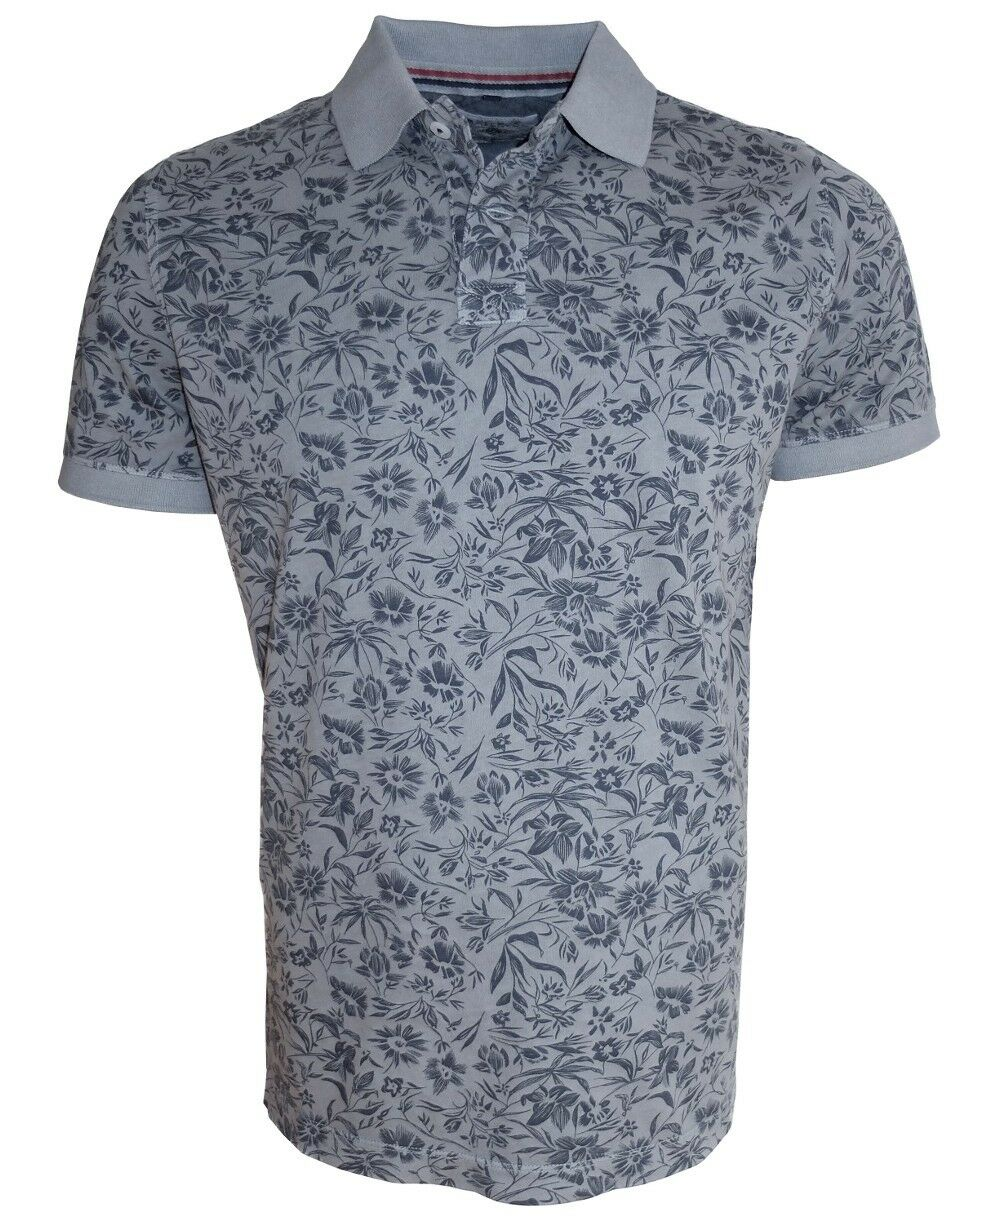 Baileys Polo Shirt in grey mit Floraldessin in black Gr. M bis 6XL